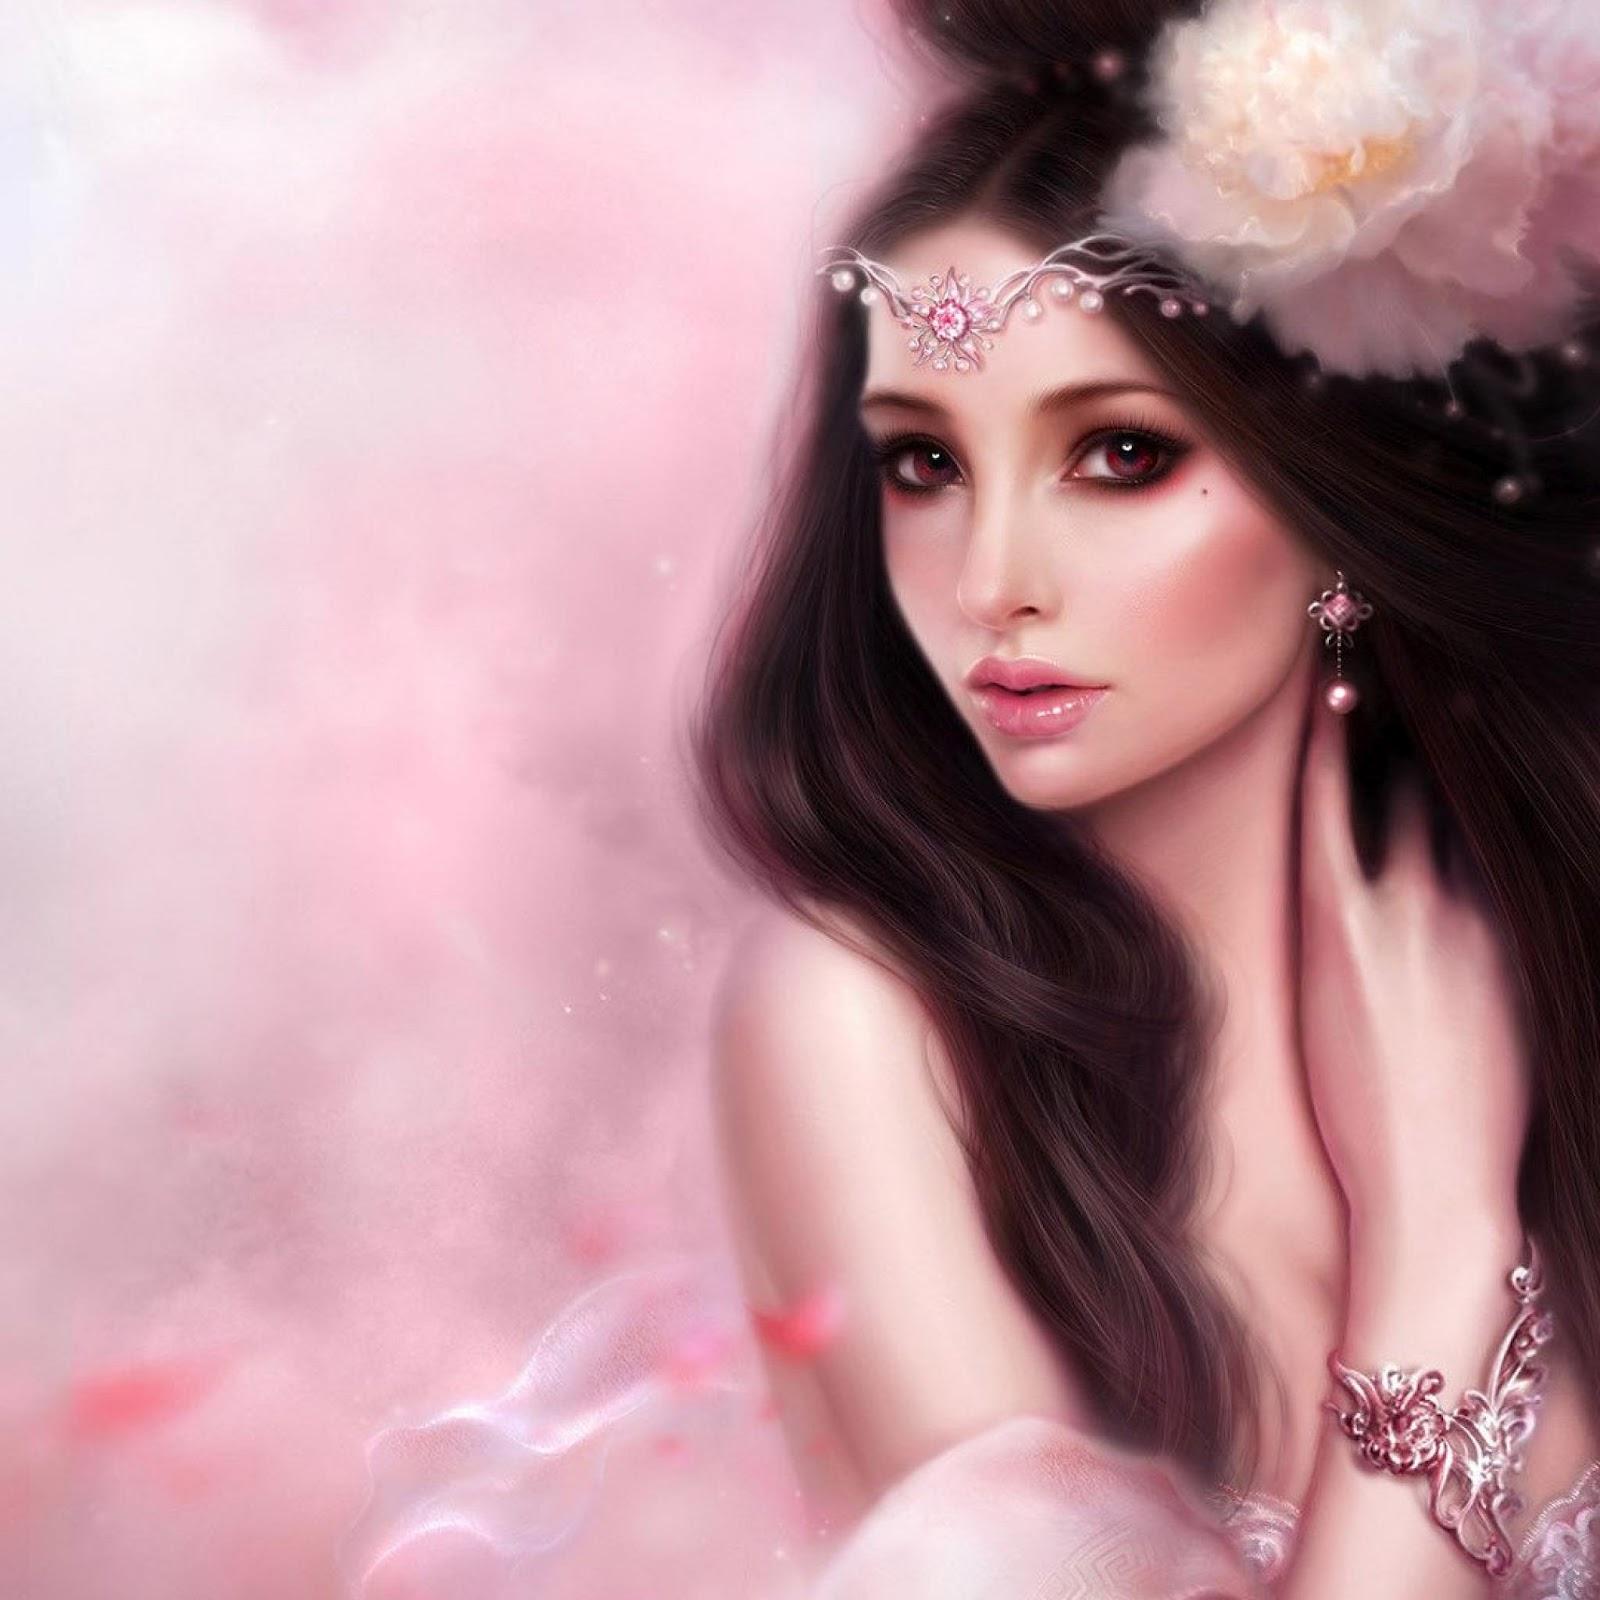 http://1.bp.blogspot.com/-FRKLTl2_SKw/UGfx0H8jIvI/AAAAAAAAFwM/ngETqgWX5OE/s1600/pink-girl--2048x2048.jpg